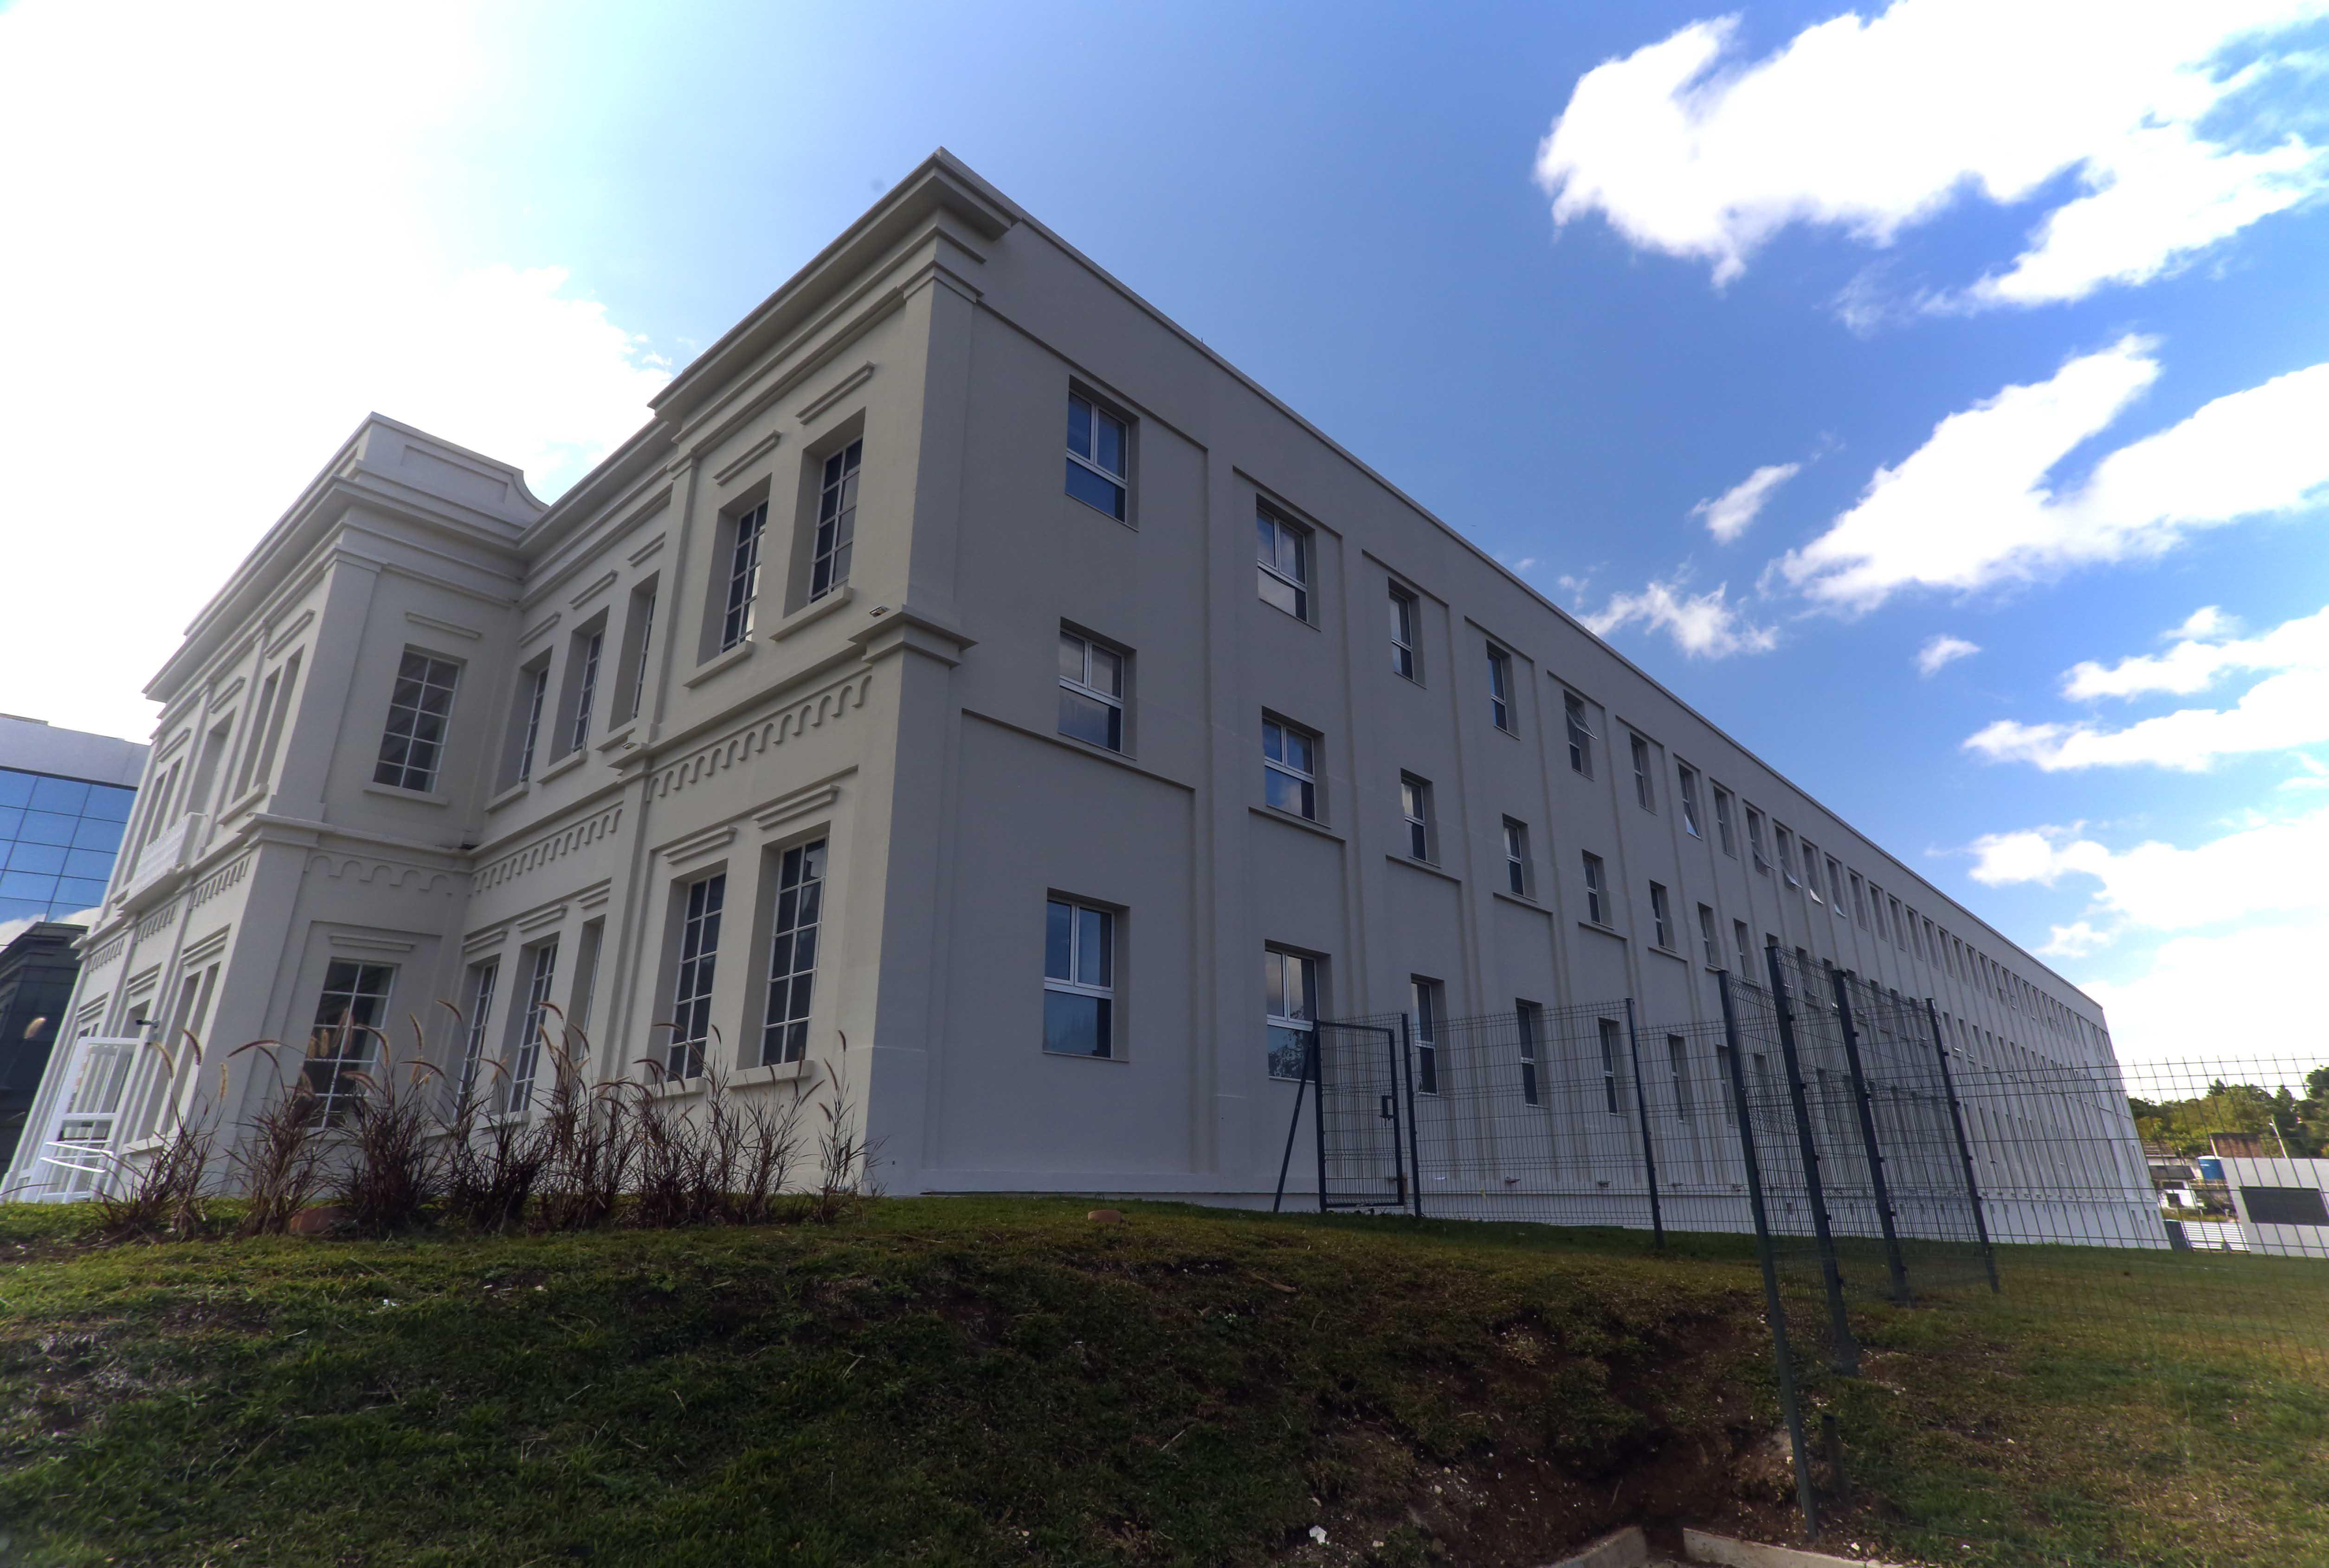 Acompanhe o calendário de mudanças dos Juizados Especiais para o novo Centro Judiciário